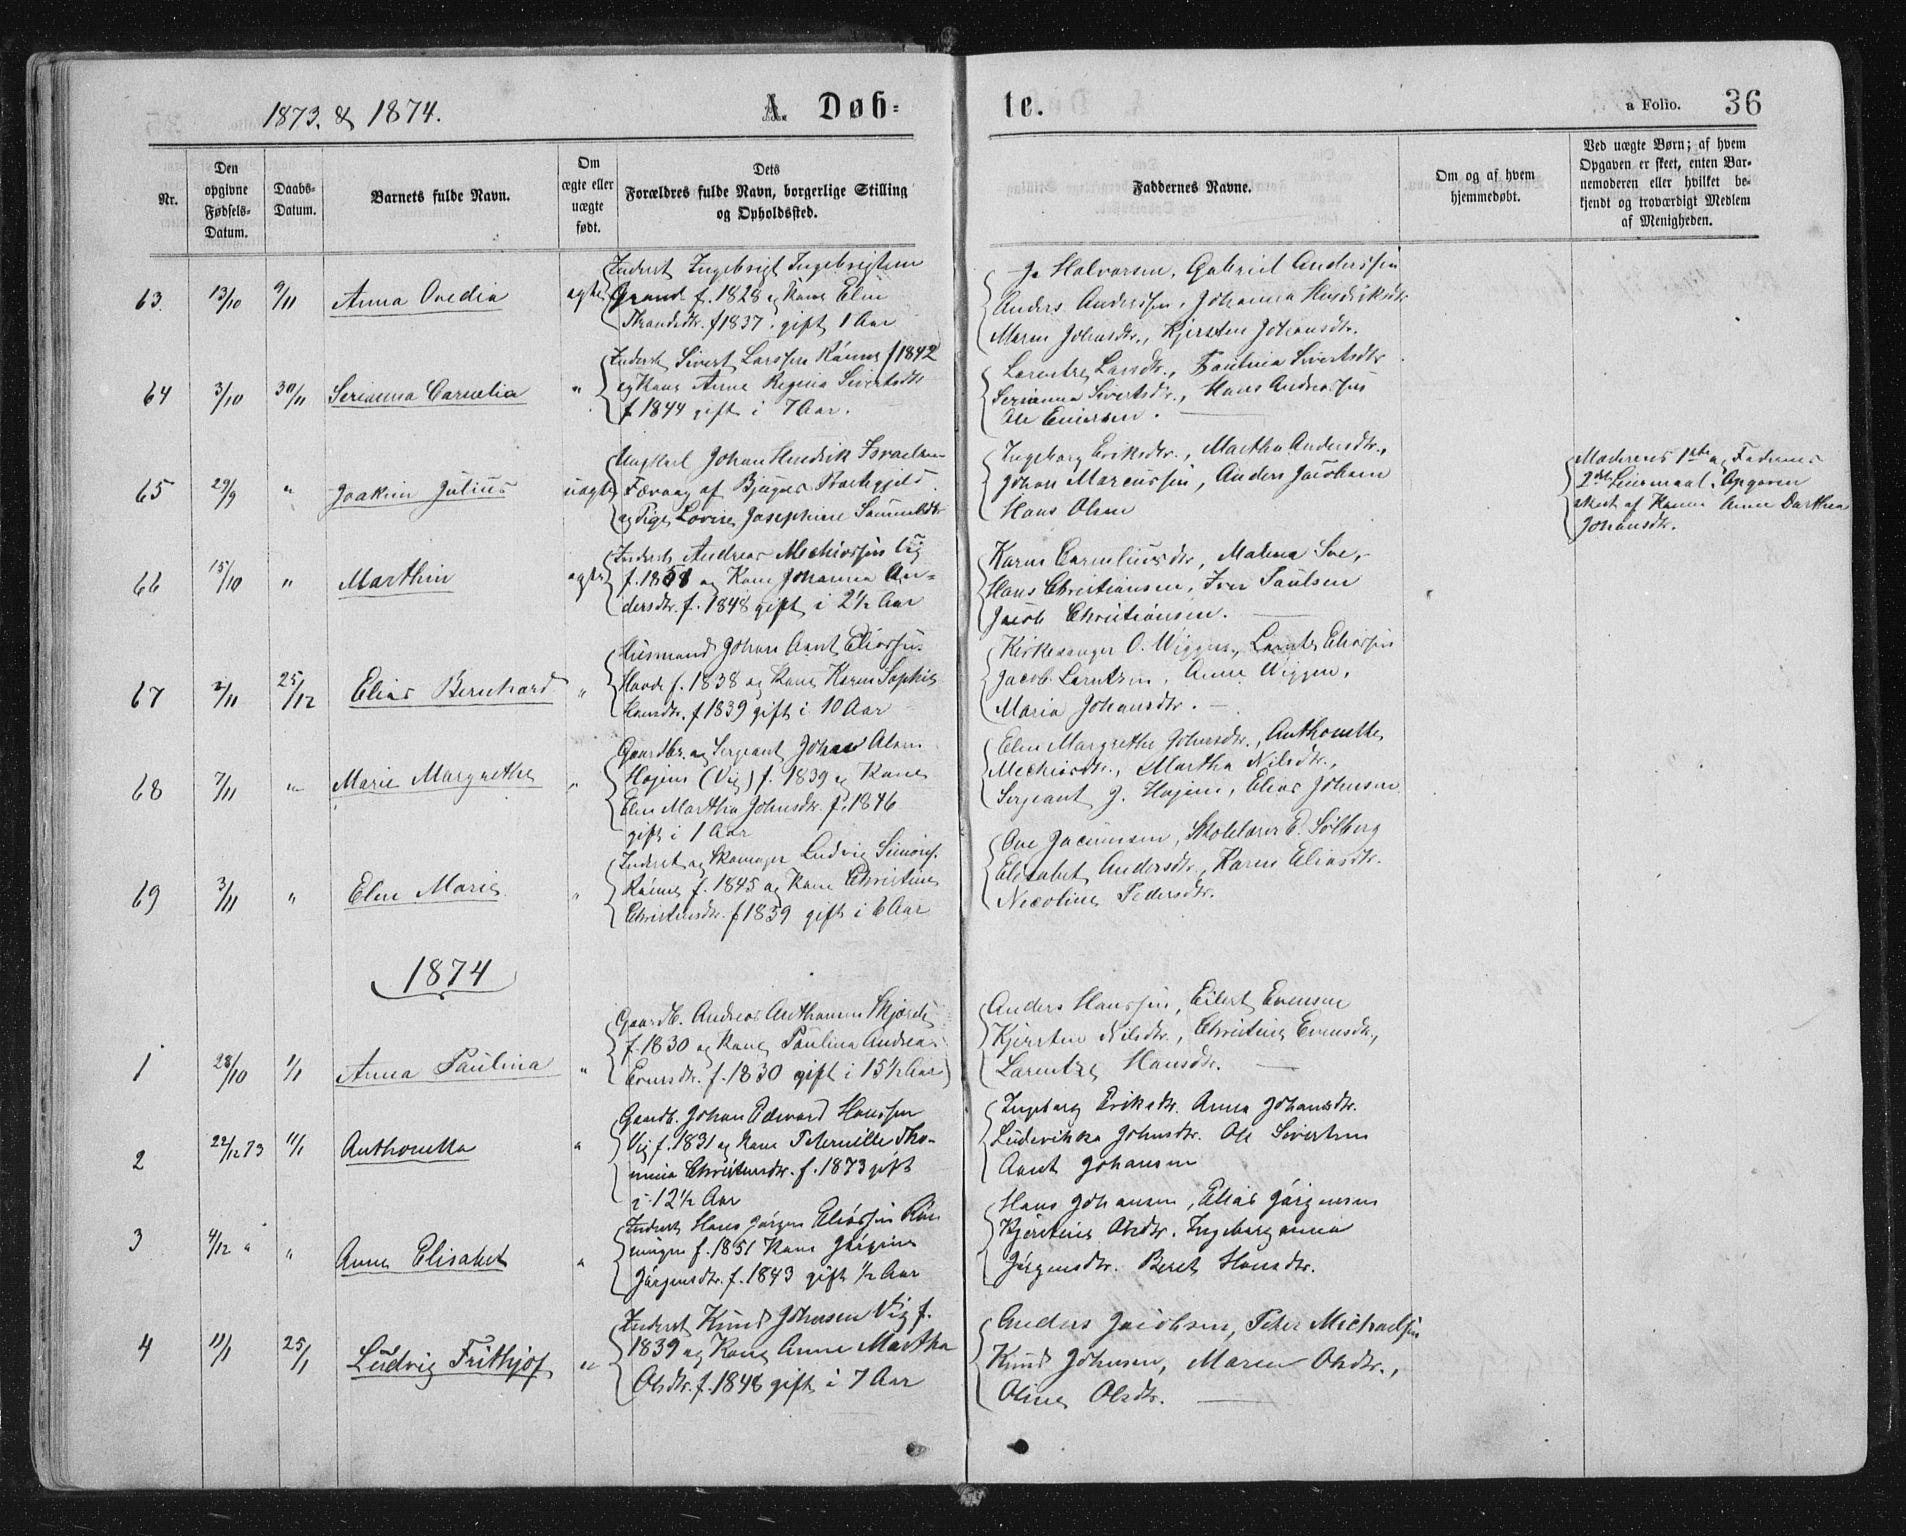 SAT, Ministerialprotokoller, klokkerbøker og fødselsregistre - Sør-Trøndelag, 659/L0745: Klokkerbok nr. 659C02, 1869-1892, s. 36